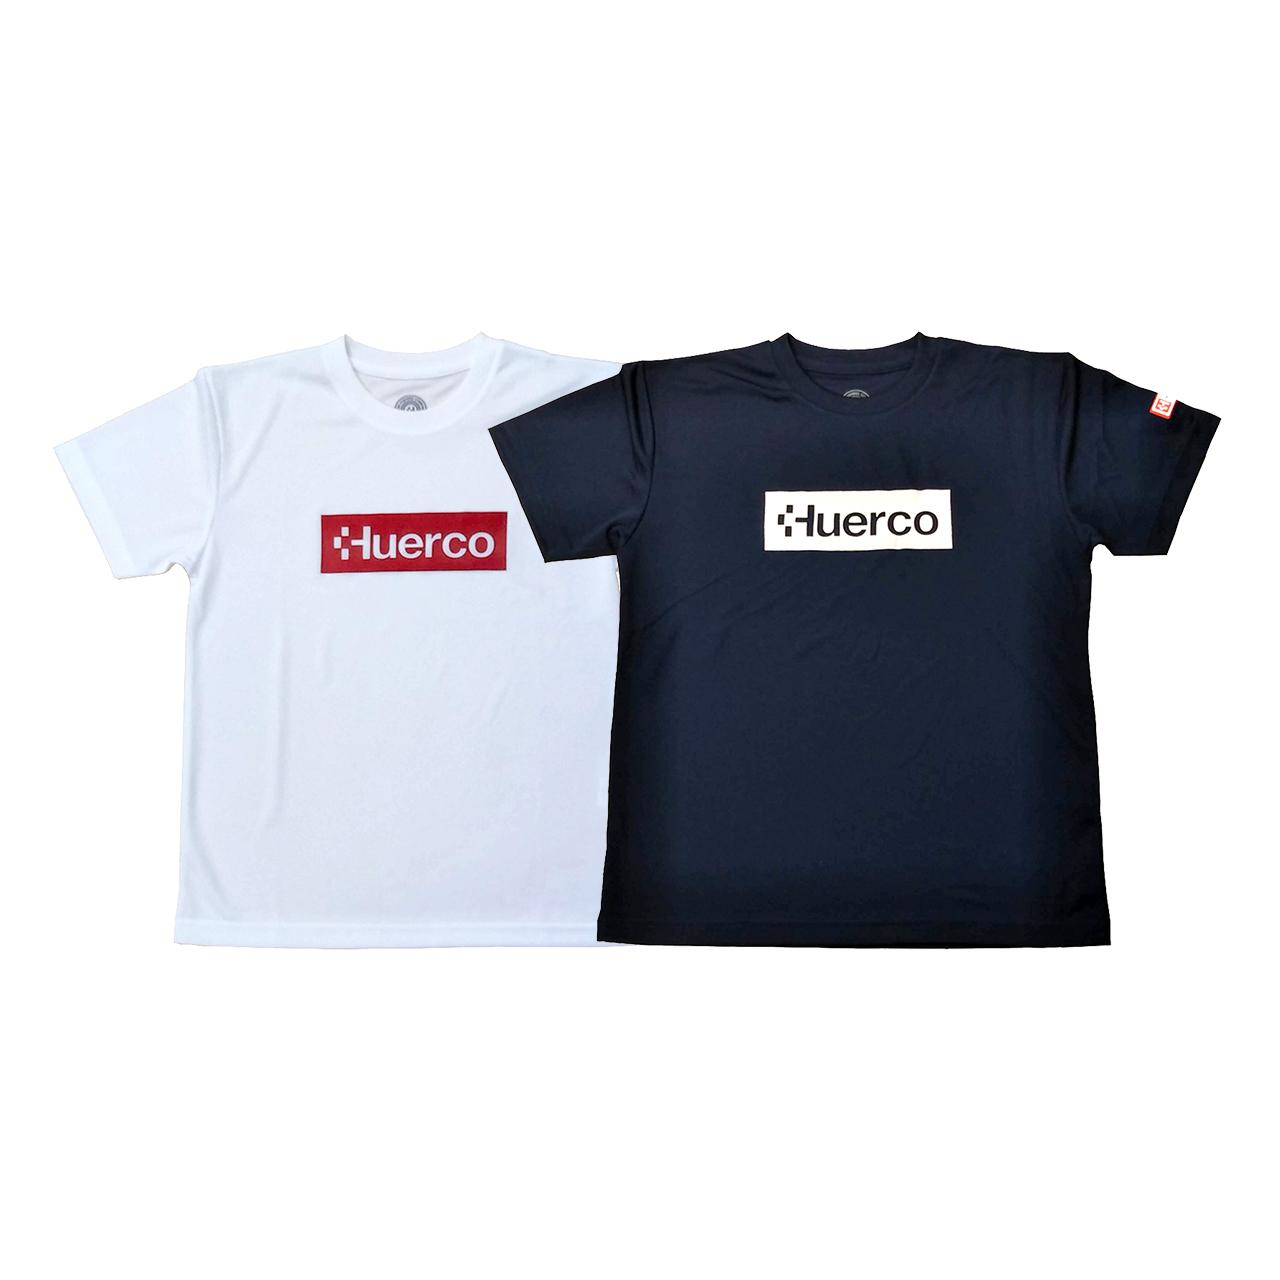 フエルコロゴドライTシャツ